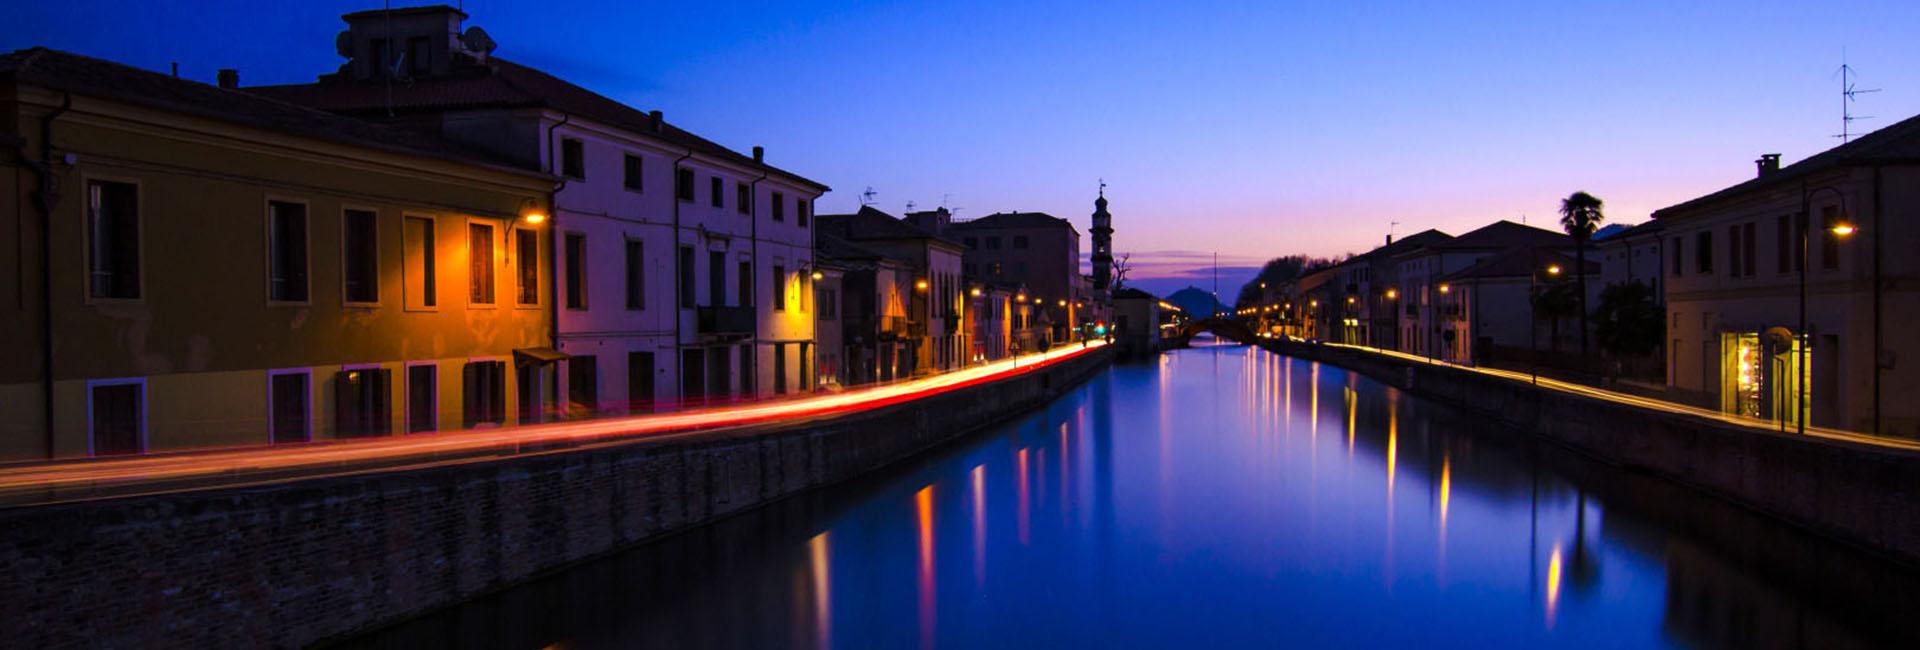 Padova Travel Vie d'acqua ©Carlo Dotto